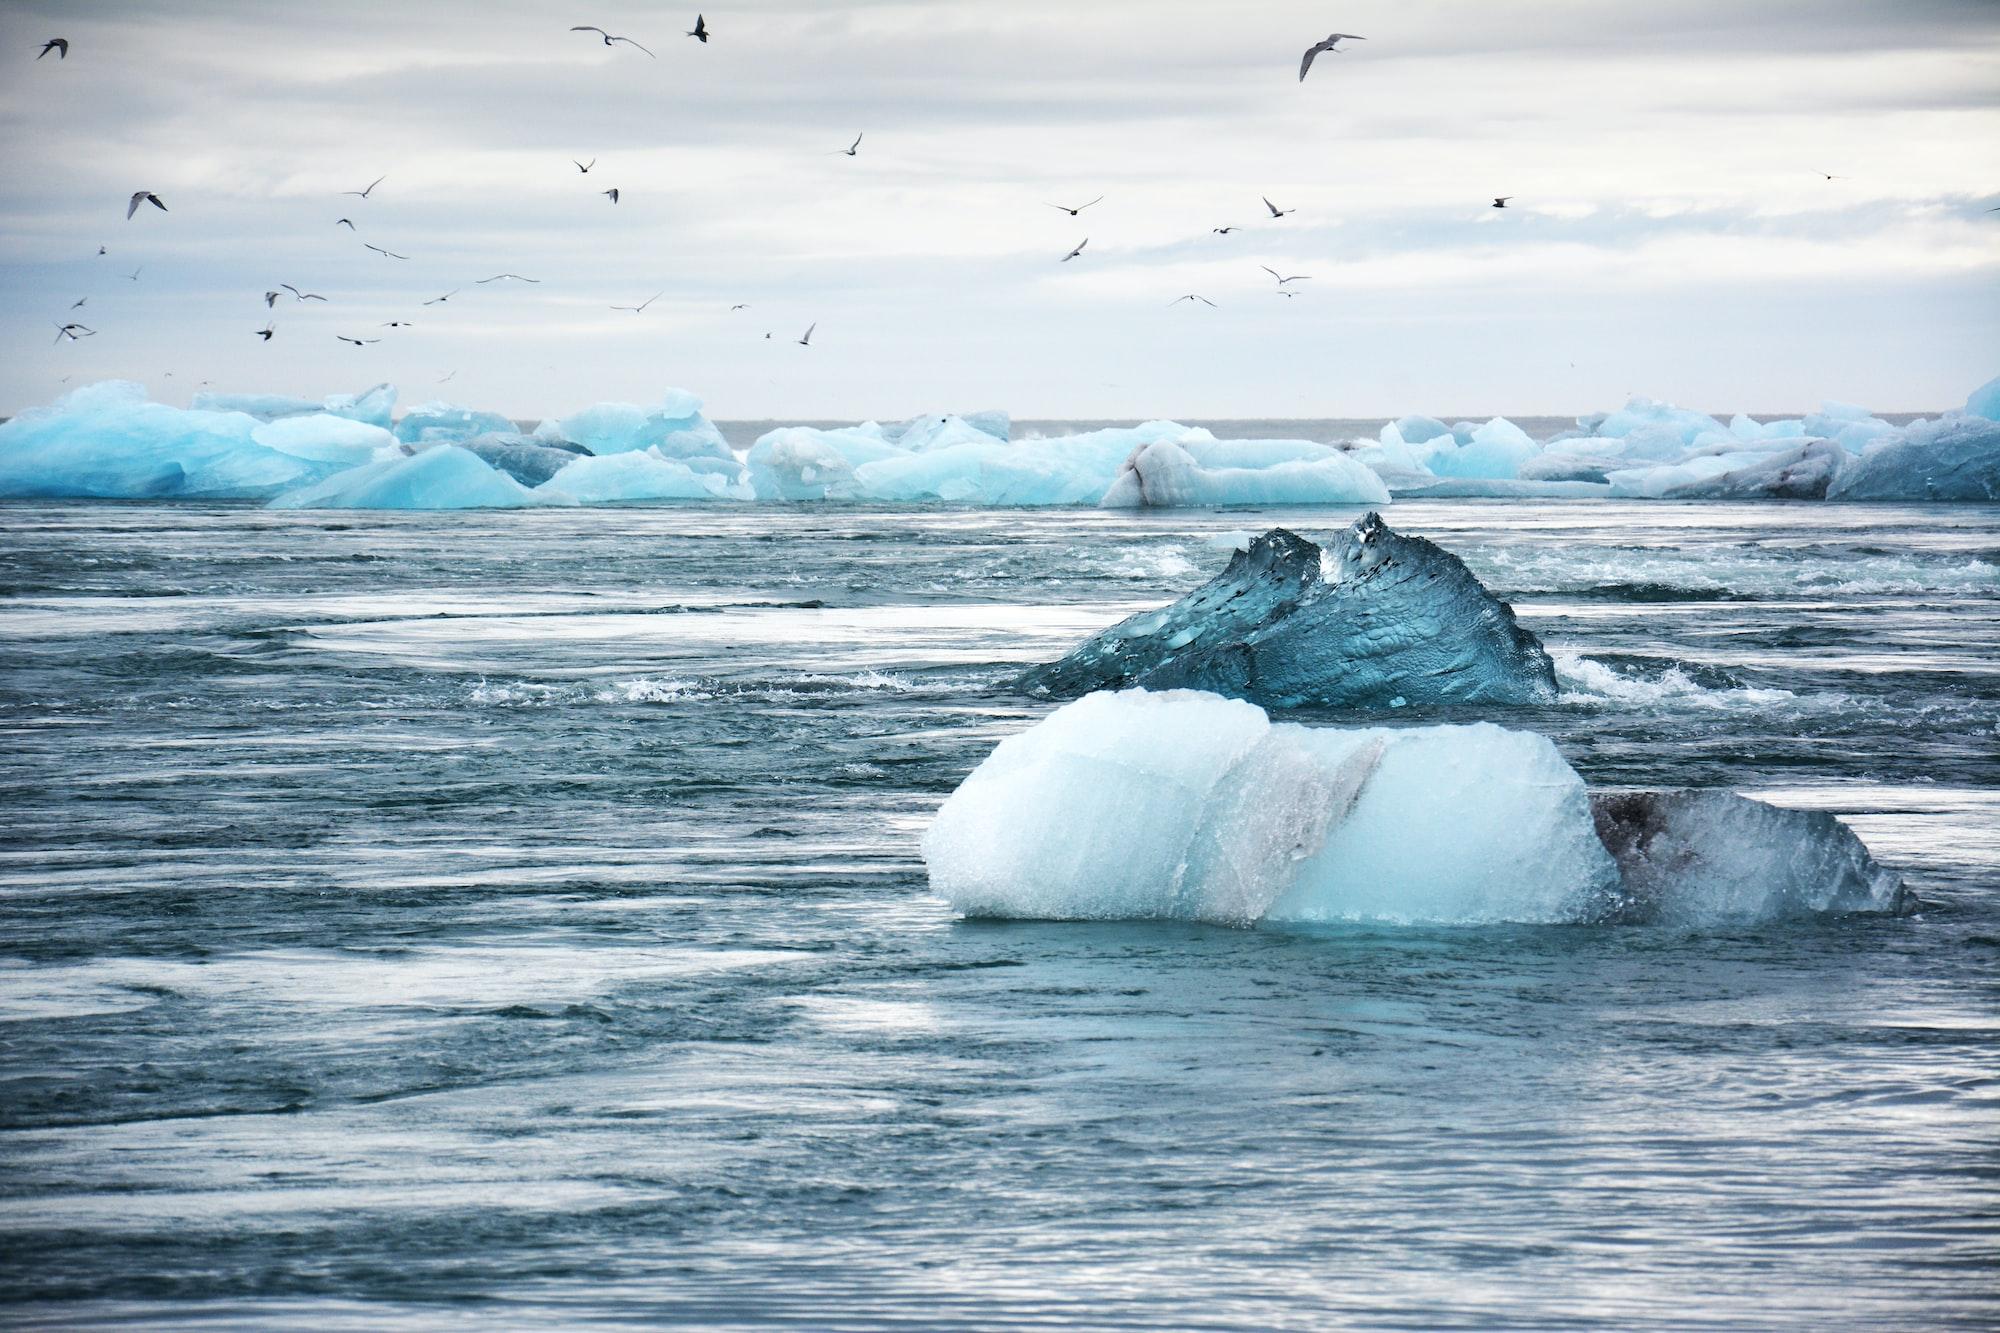 Ekologická rizika se stávají největší hrozbou. Prvenství přebírají po ekonomické nejistotě